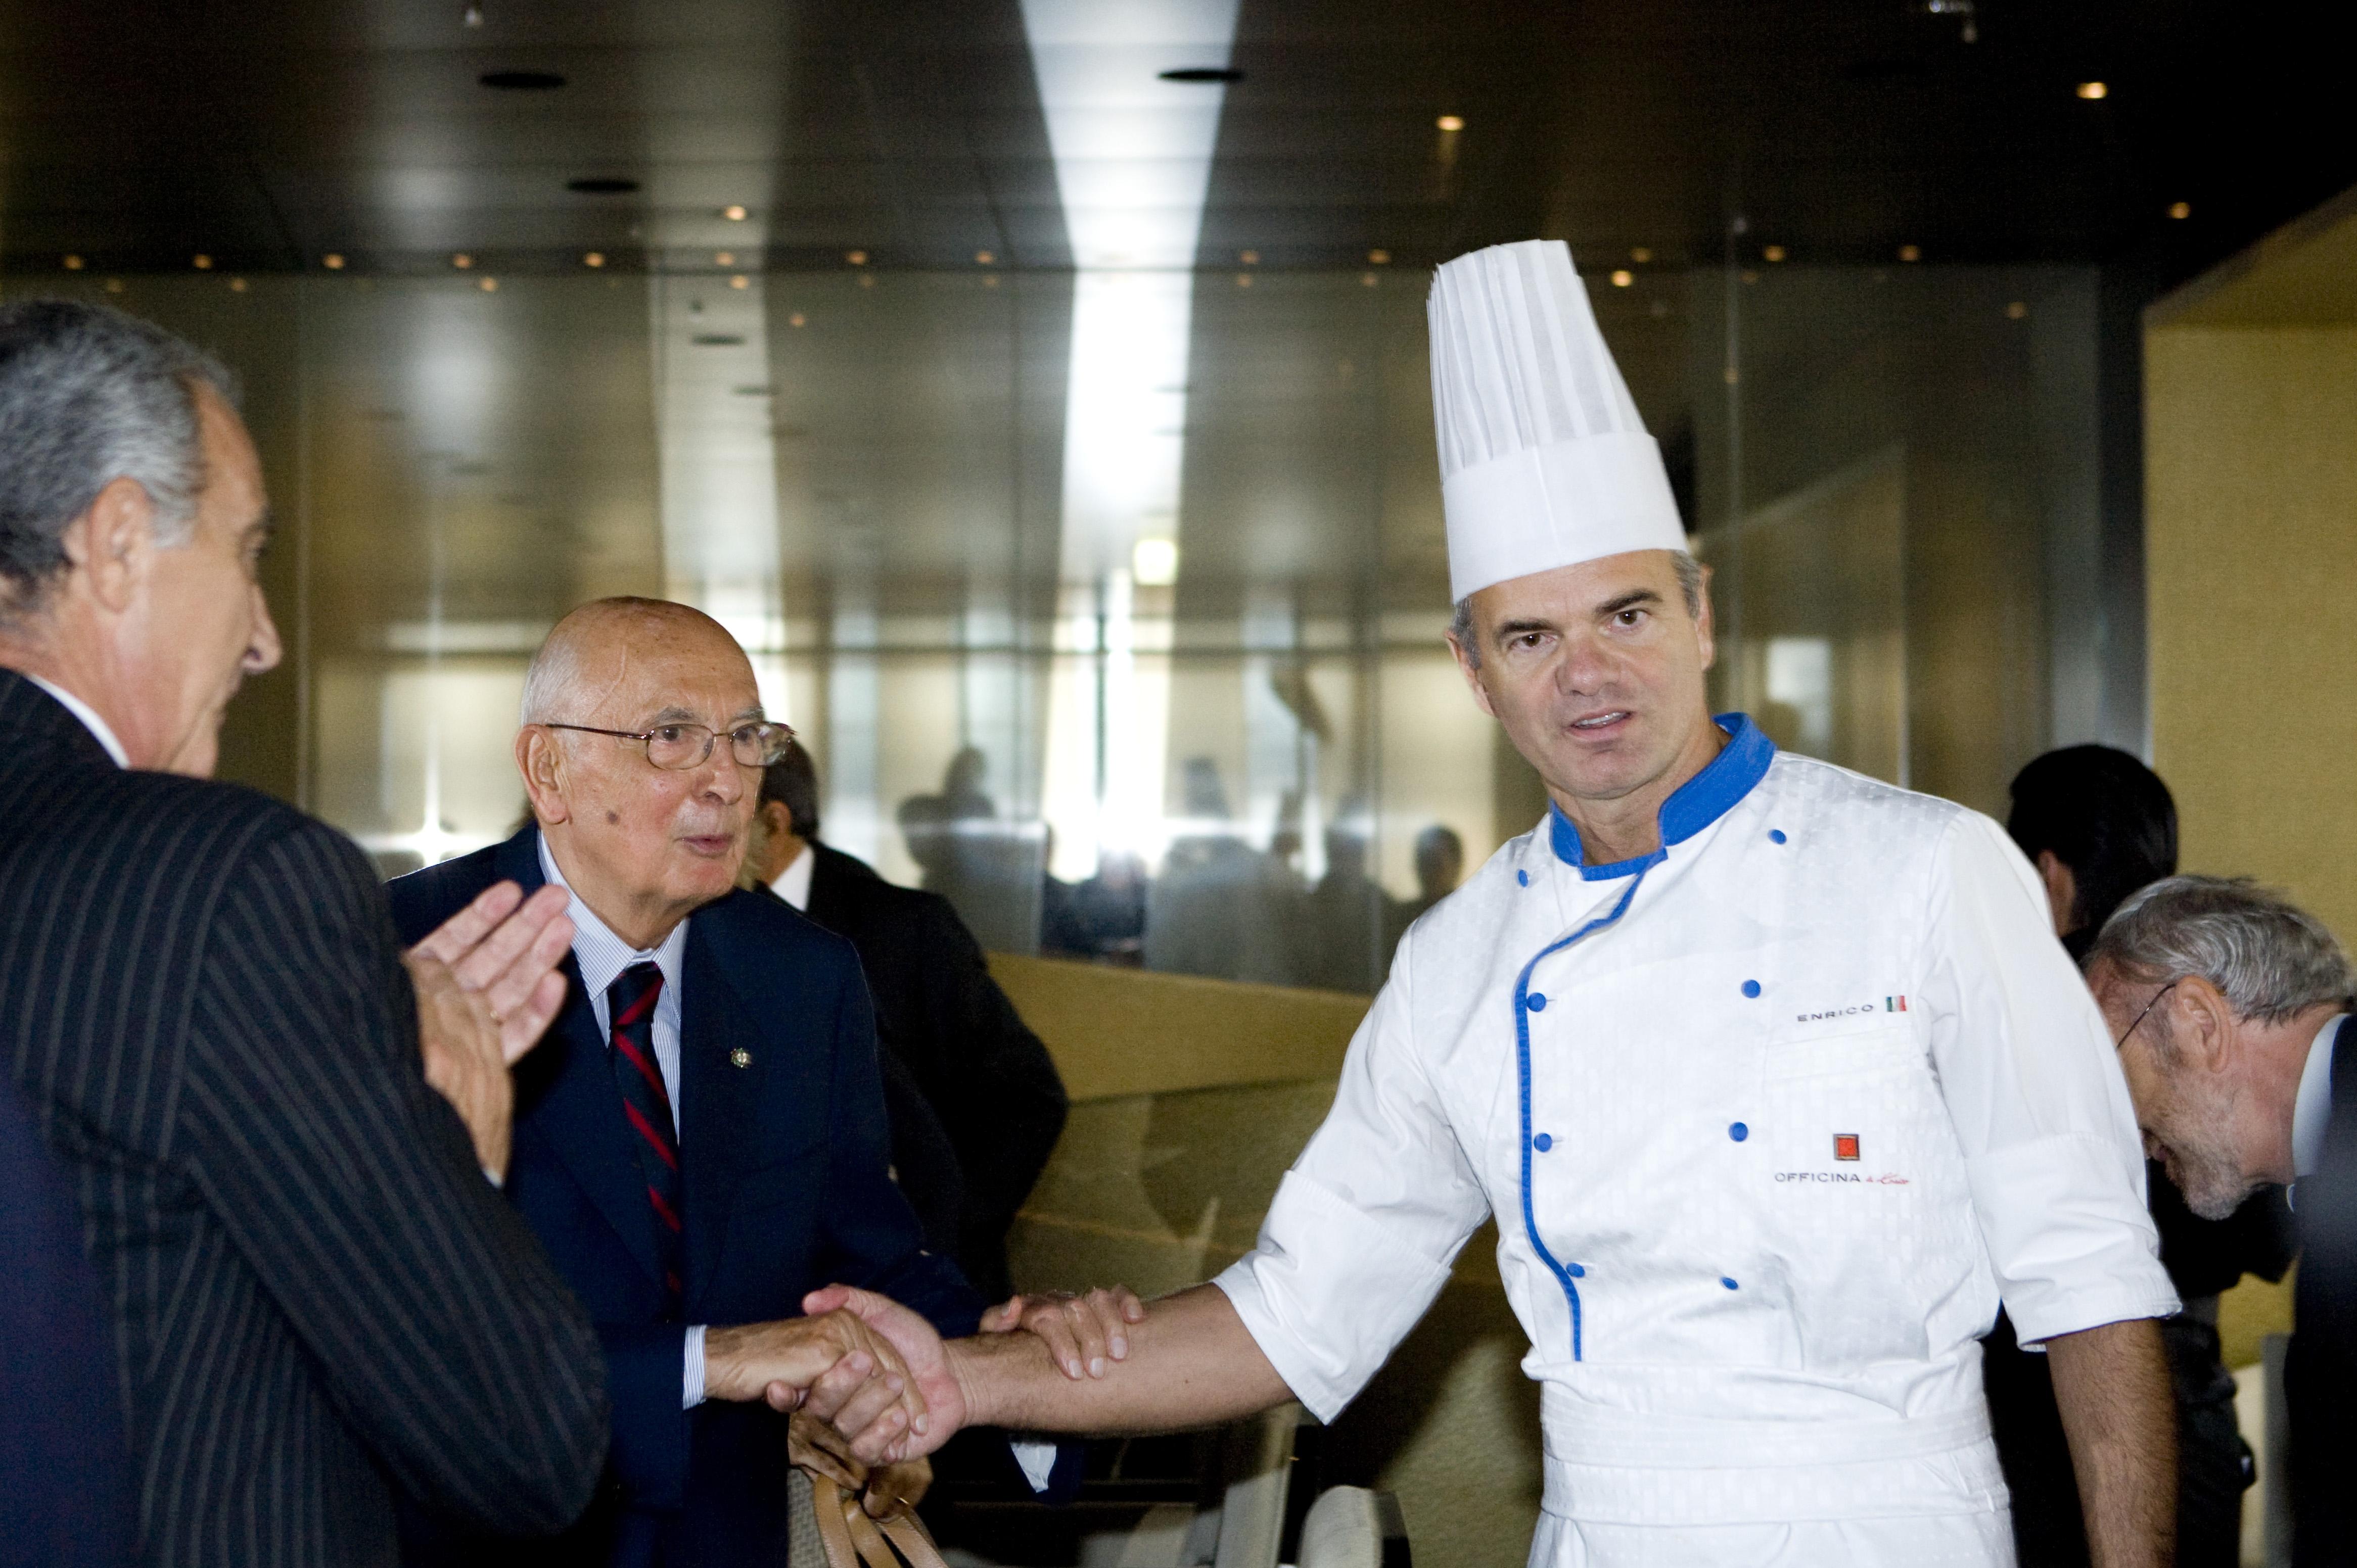 Koki Derflingher bersama mantan presiden Italia Giorgio Napolitano.